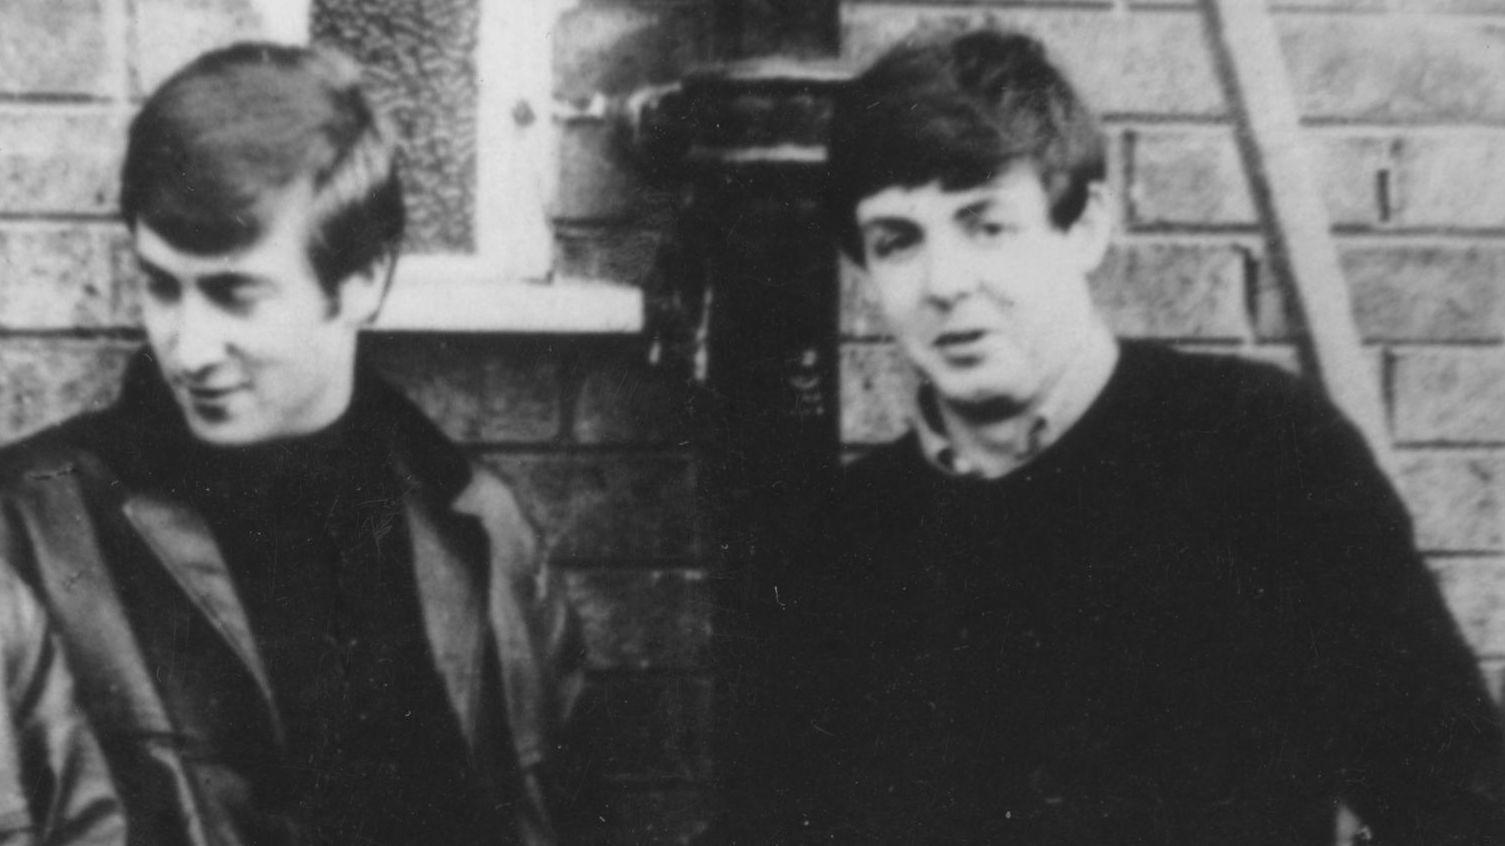 60 Years Ago 2 Boys Met And The Beatles Began Npr